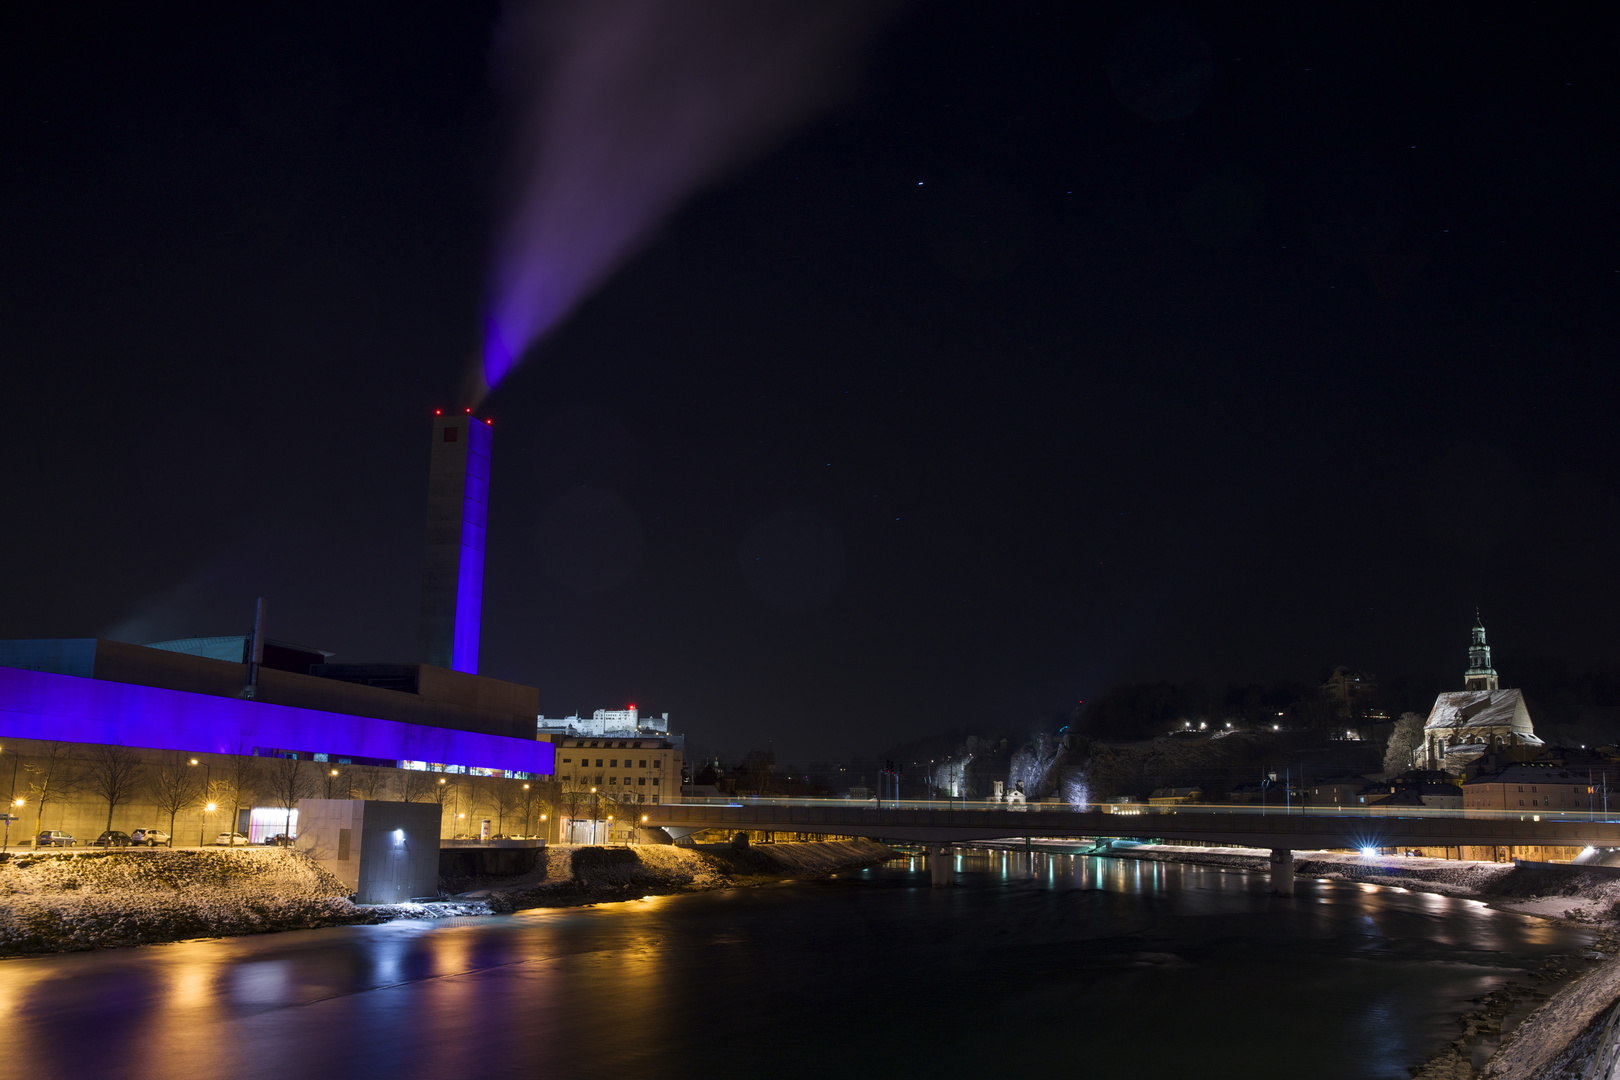 Nachts auf der Lehener Brücke